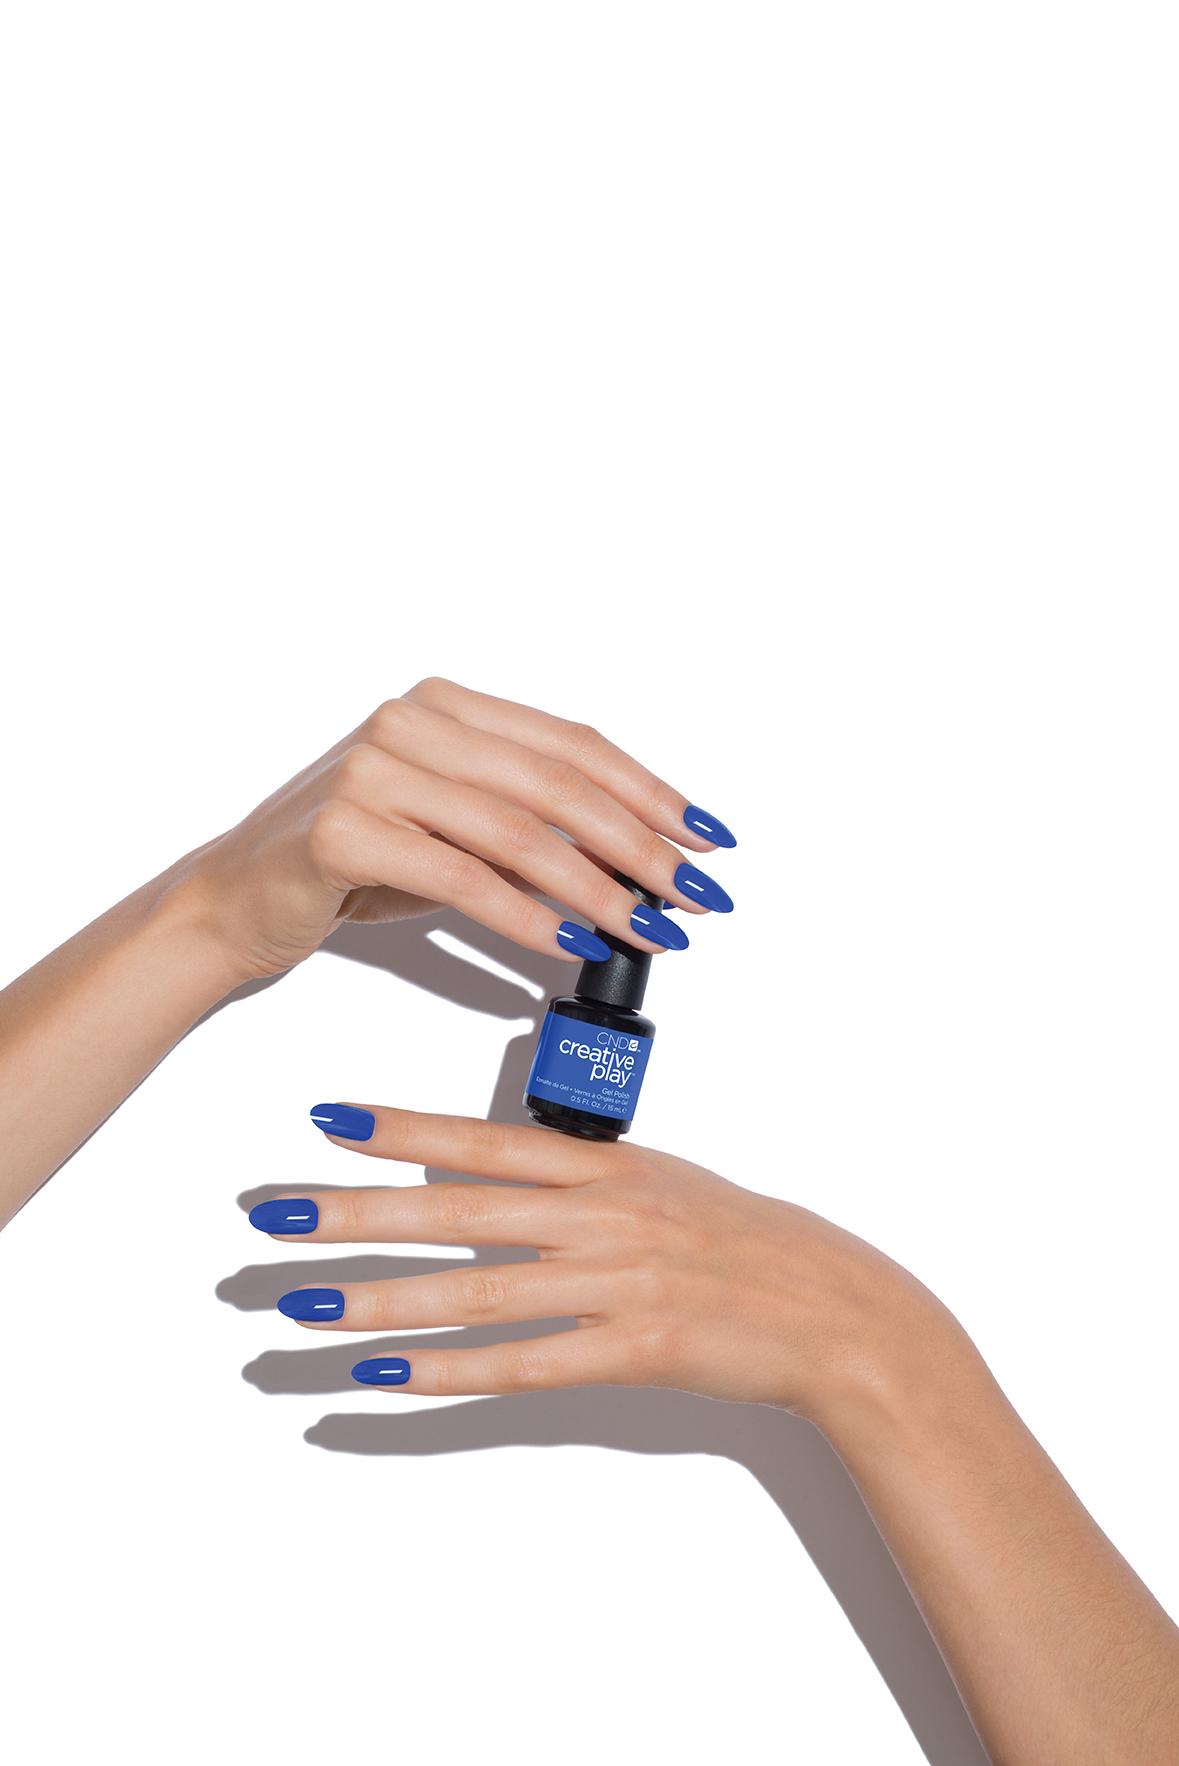 Hand-Model-Image-5_170526_Revlon_Creative_Play_Hands_05_019_v07.jpg